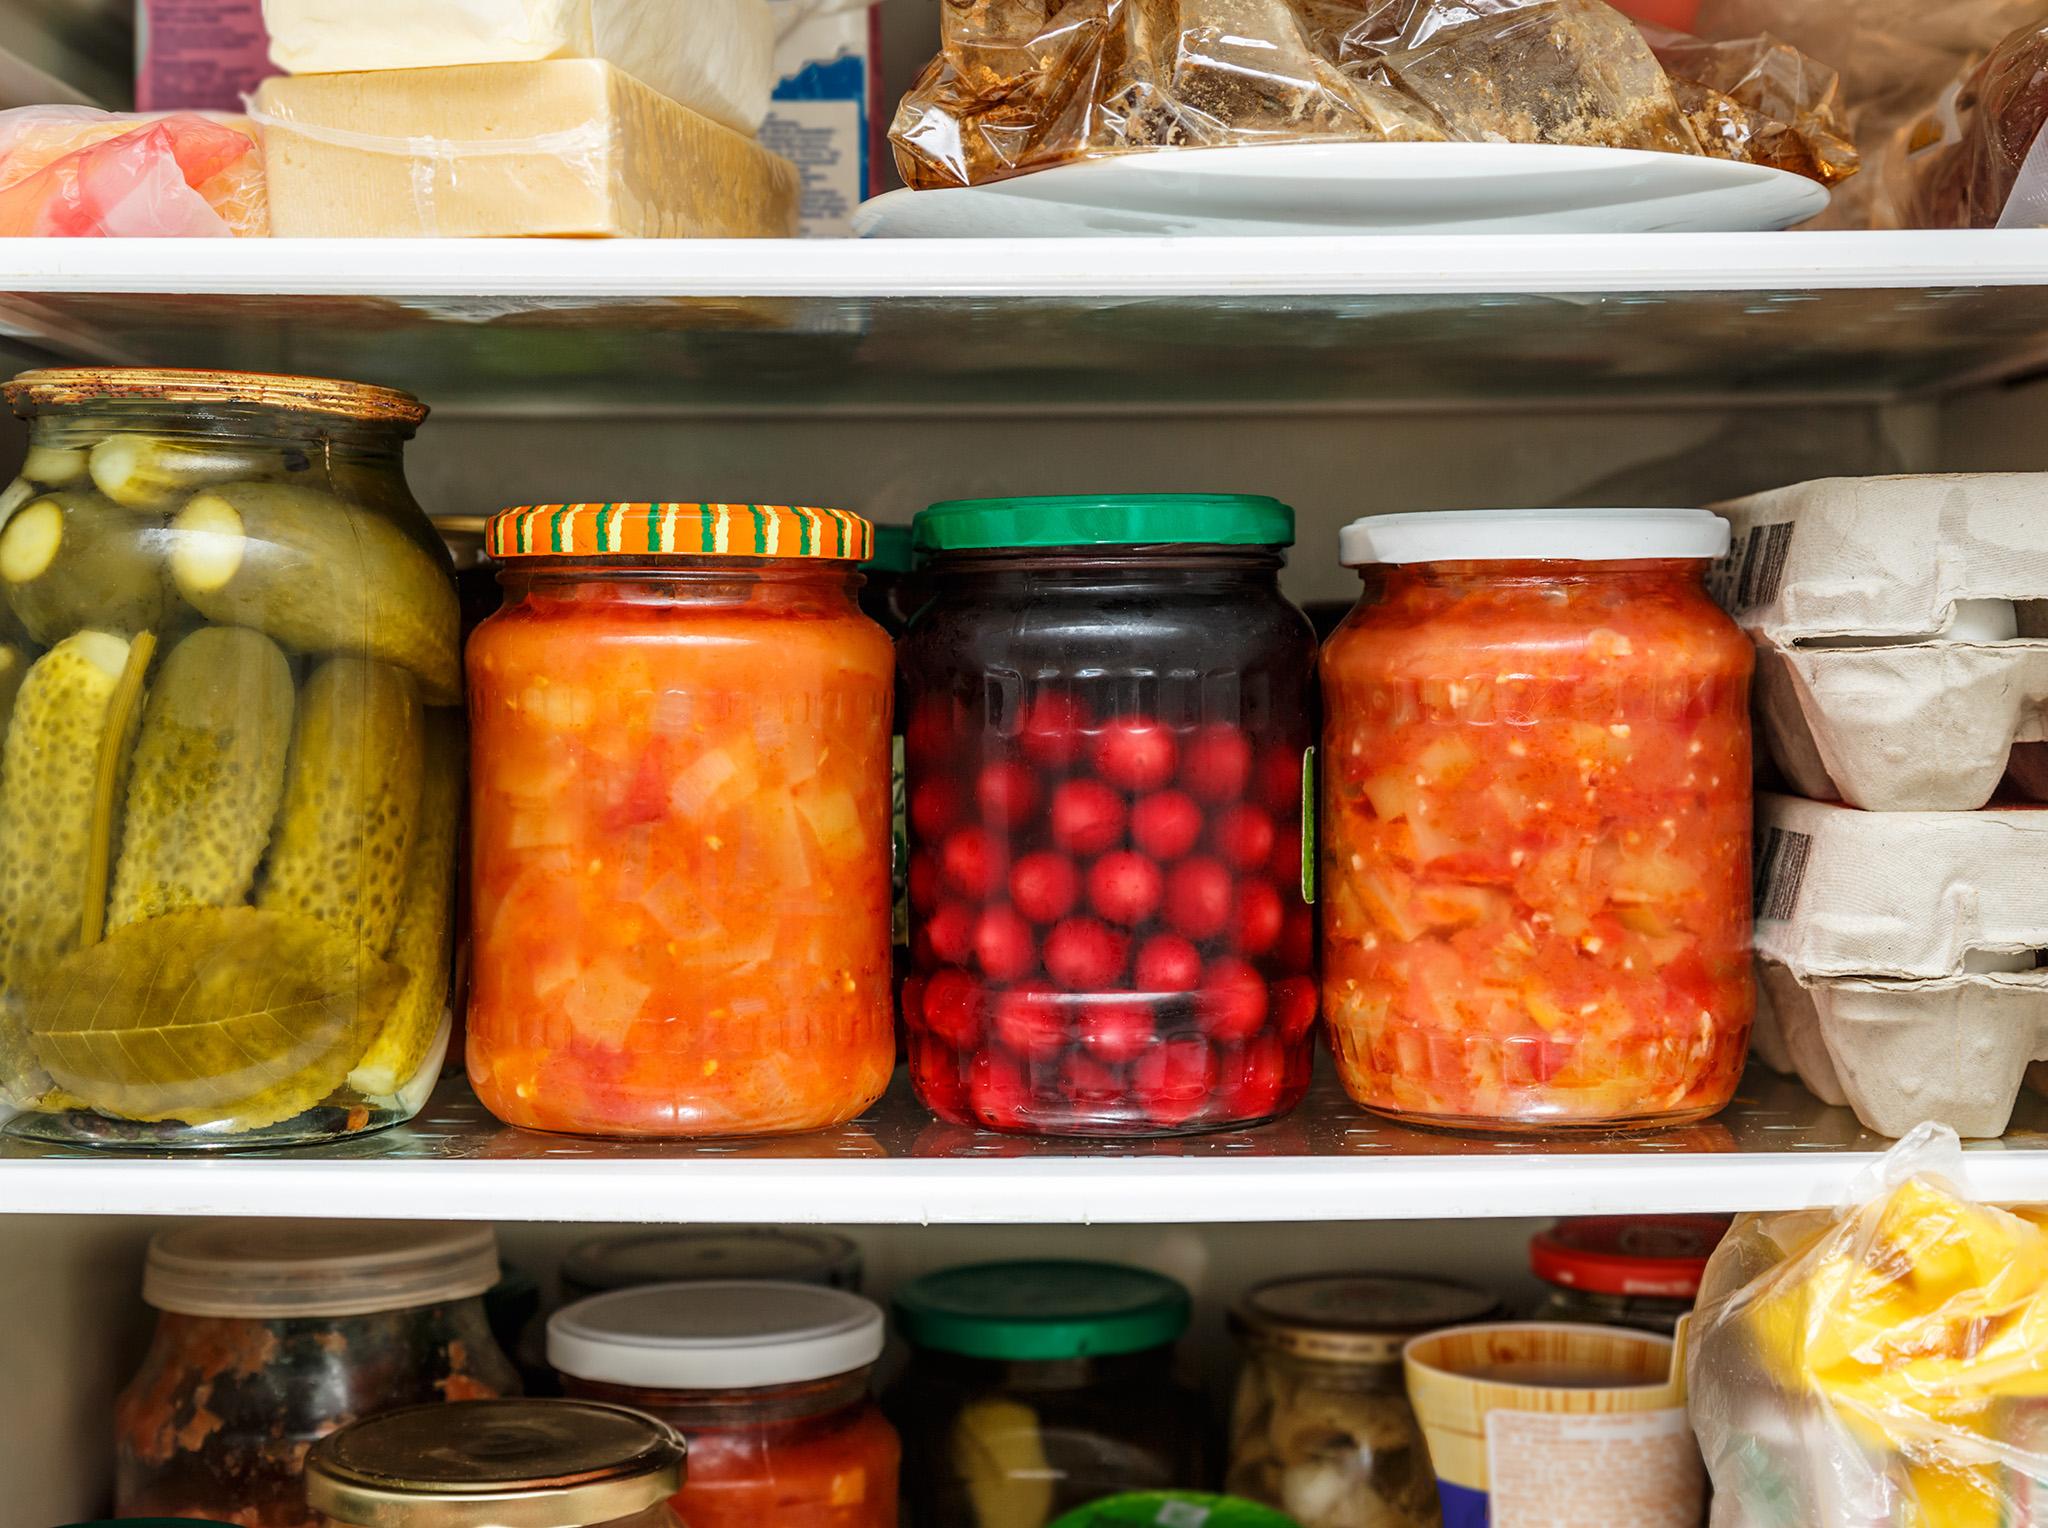 Comment Ranger Dans Un Frigo conservation des aliments: température ambiante, frigo ou